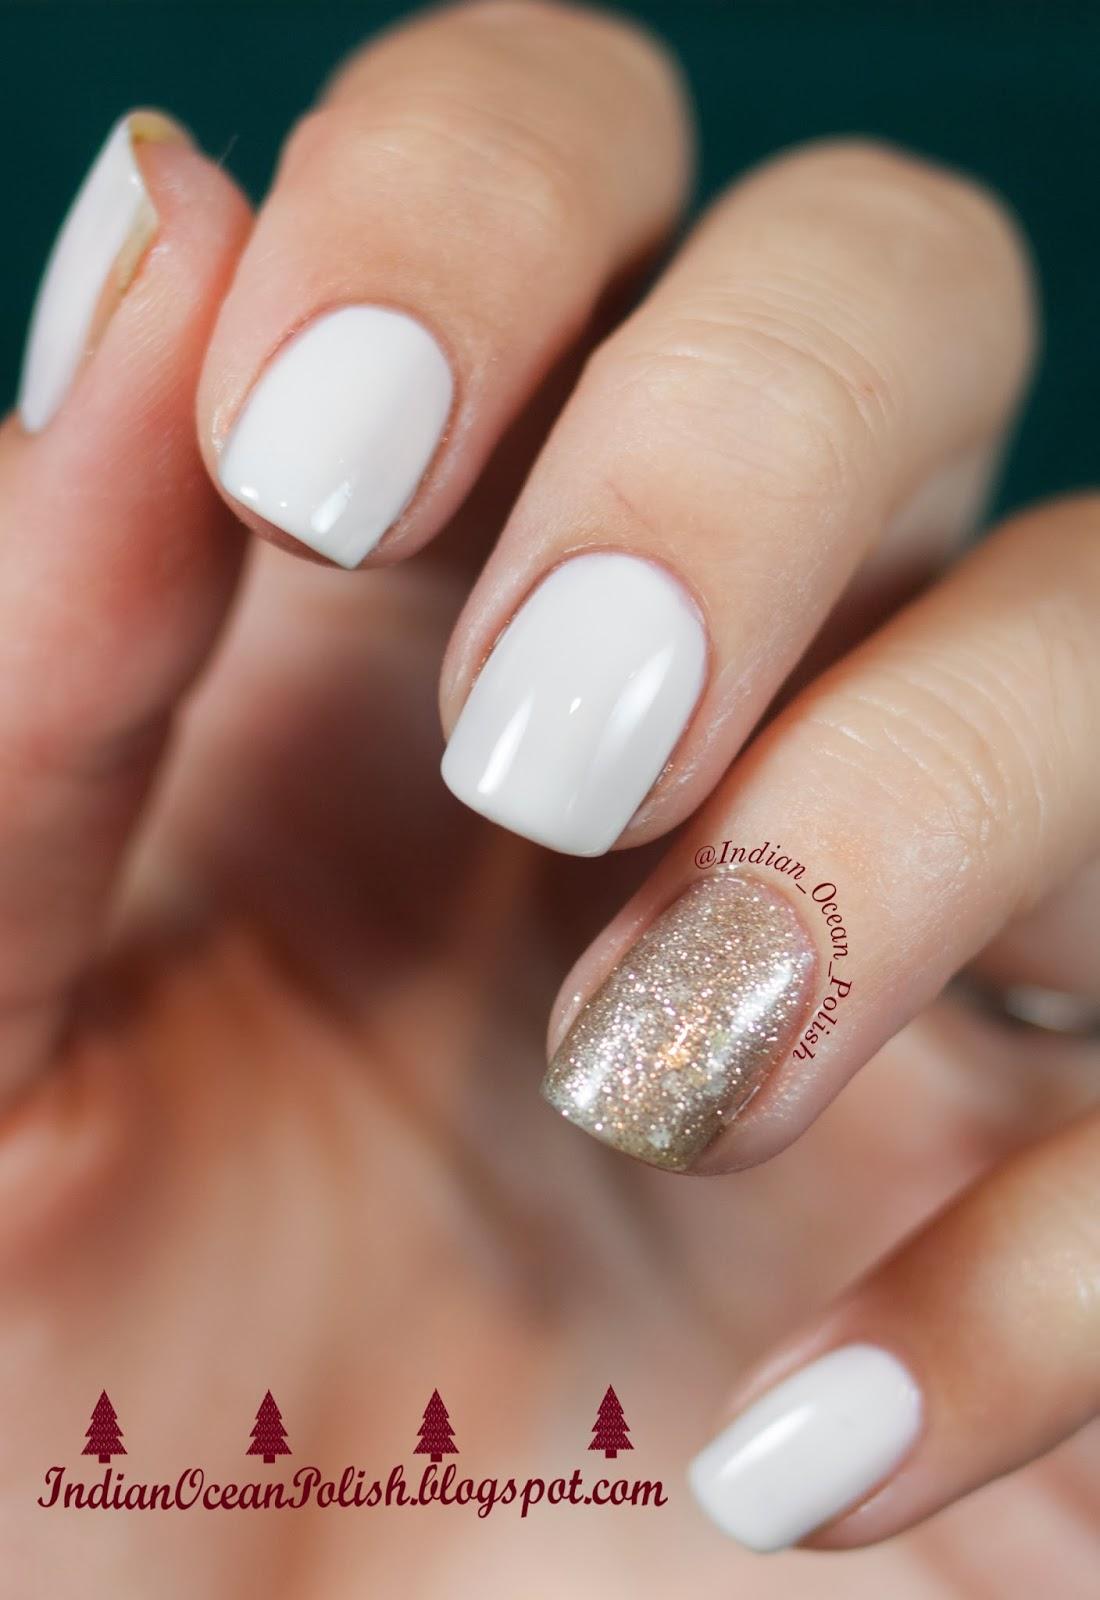 ... plain nail designs Nail Design Tutorial: Hot Pink Nails YouTube - Simple Plain Nail Designs